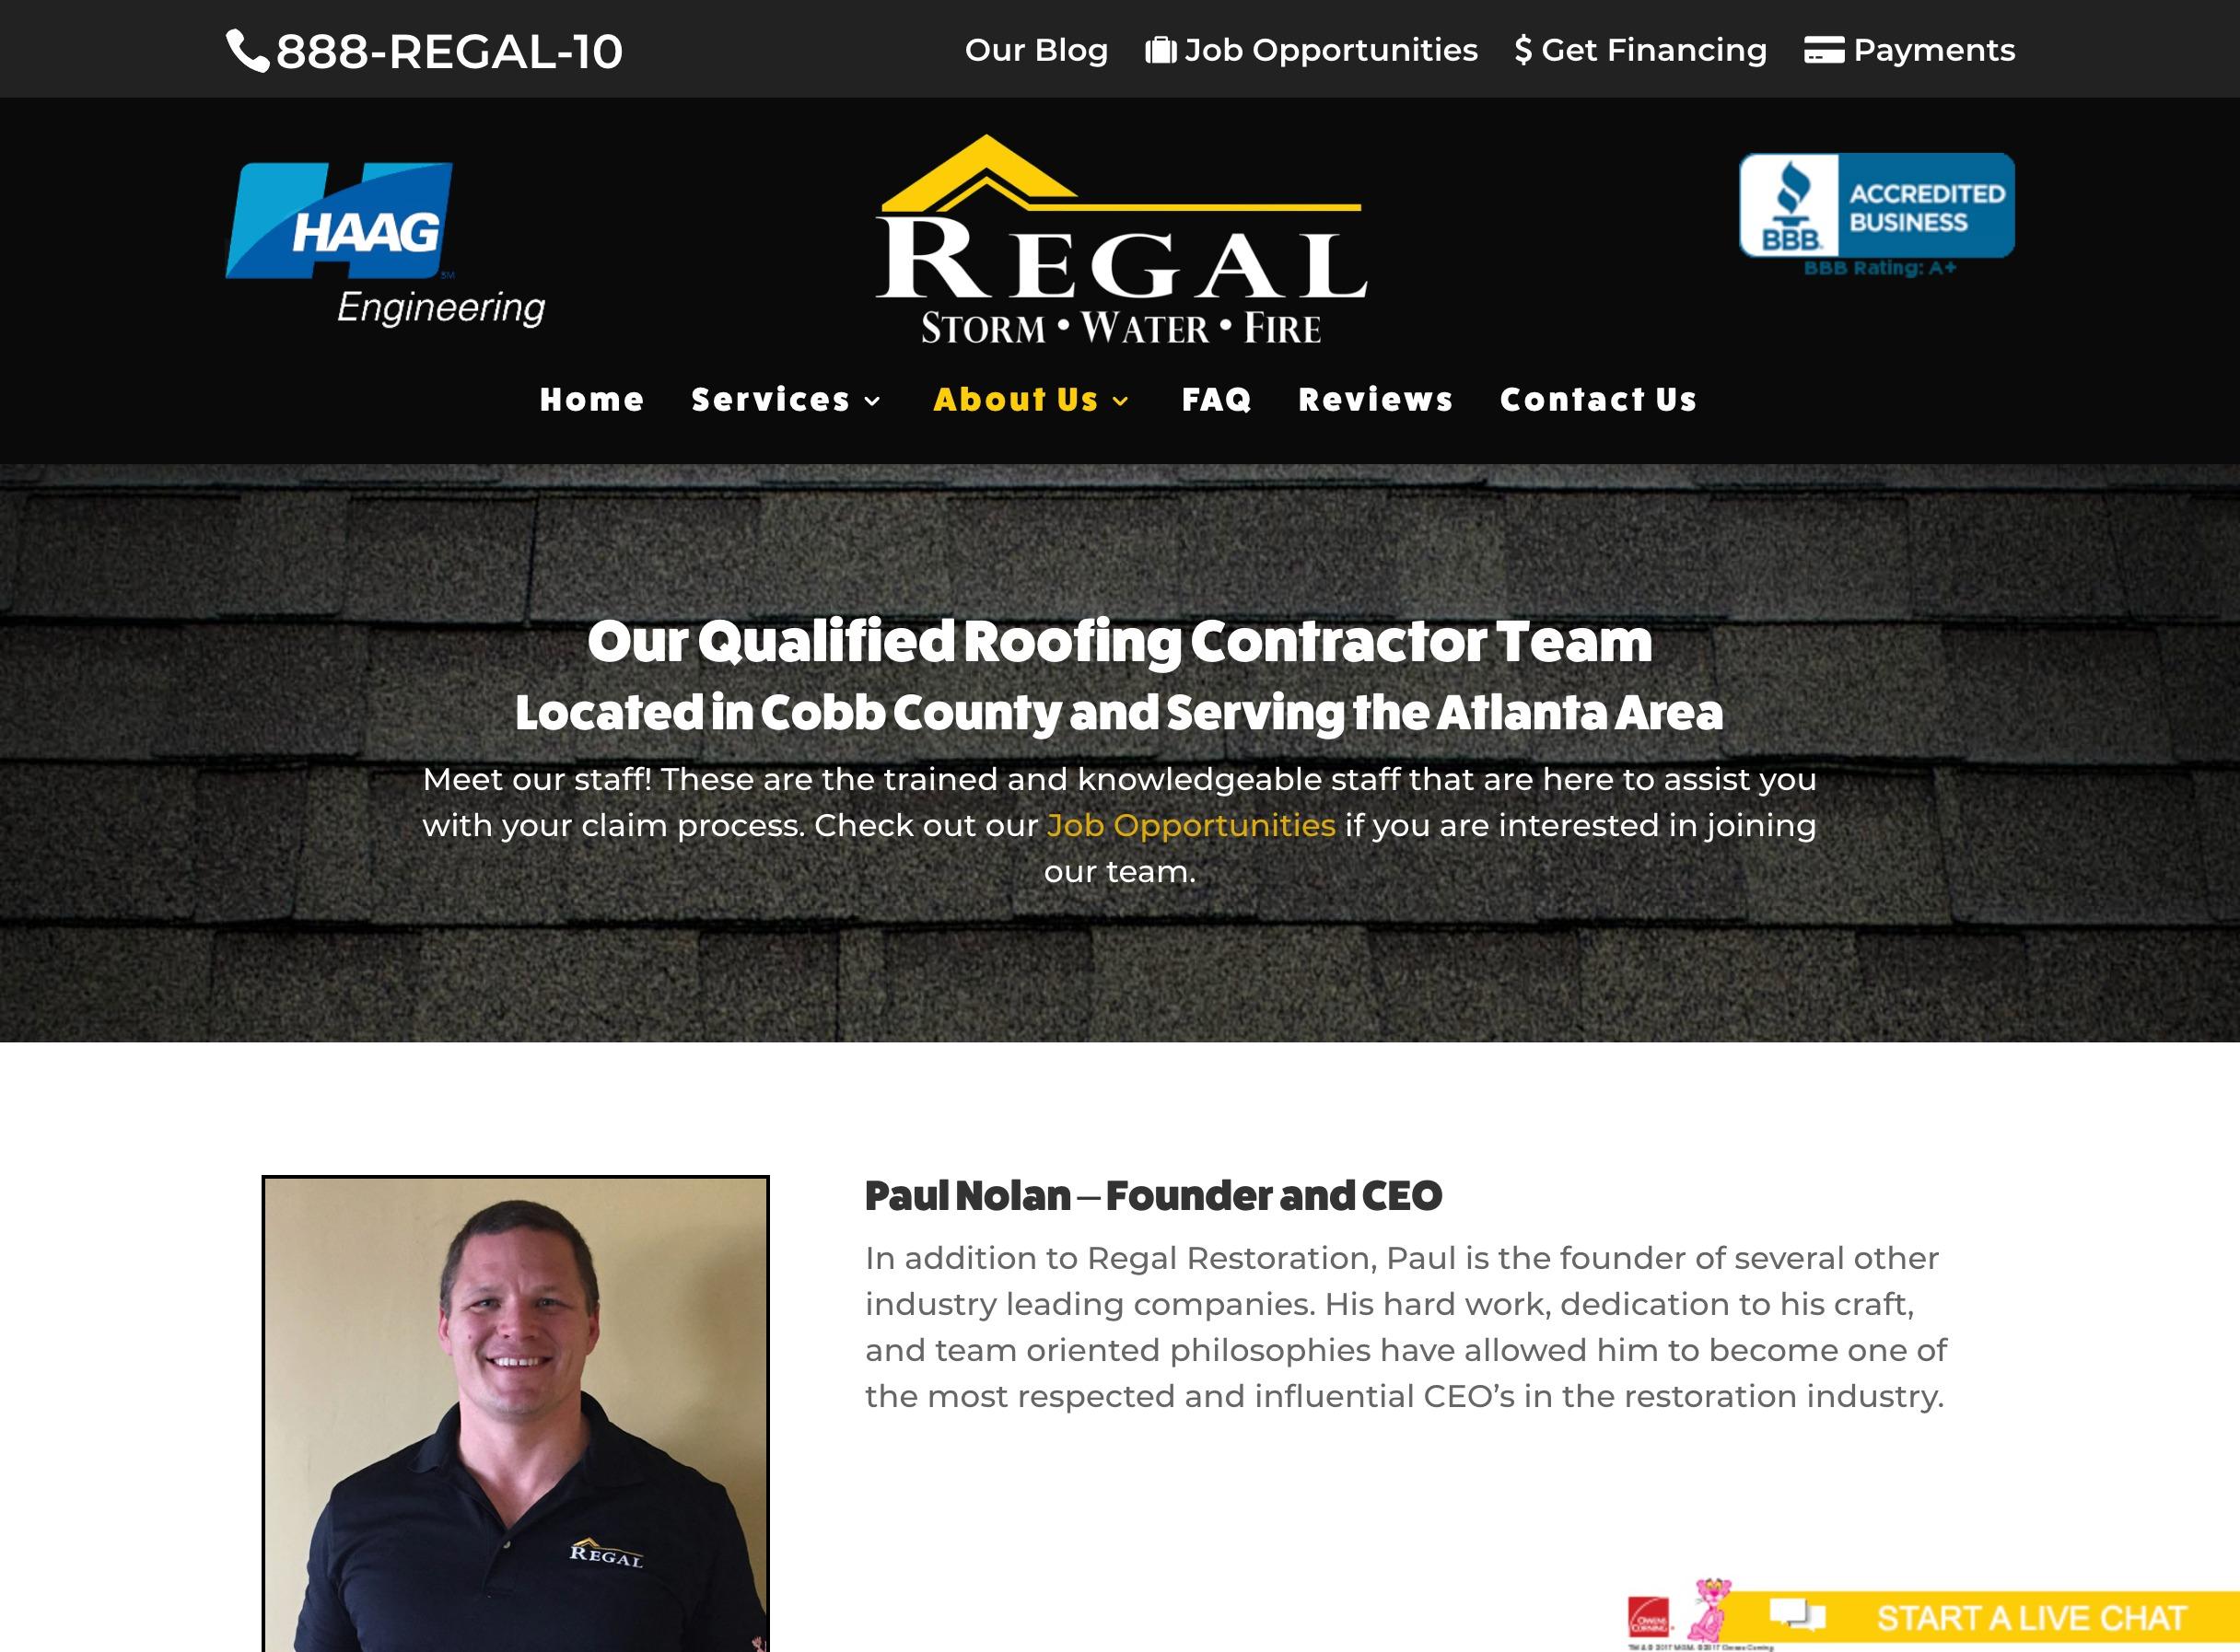 regrs-kennesaw-desktop-web-design-3